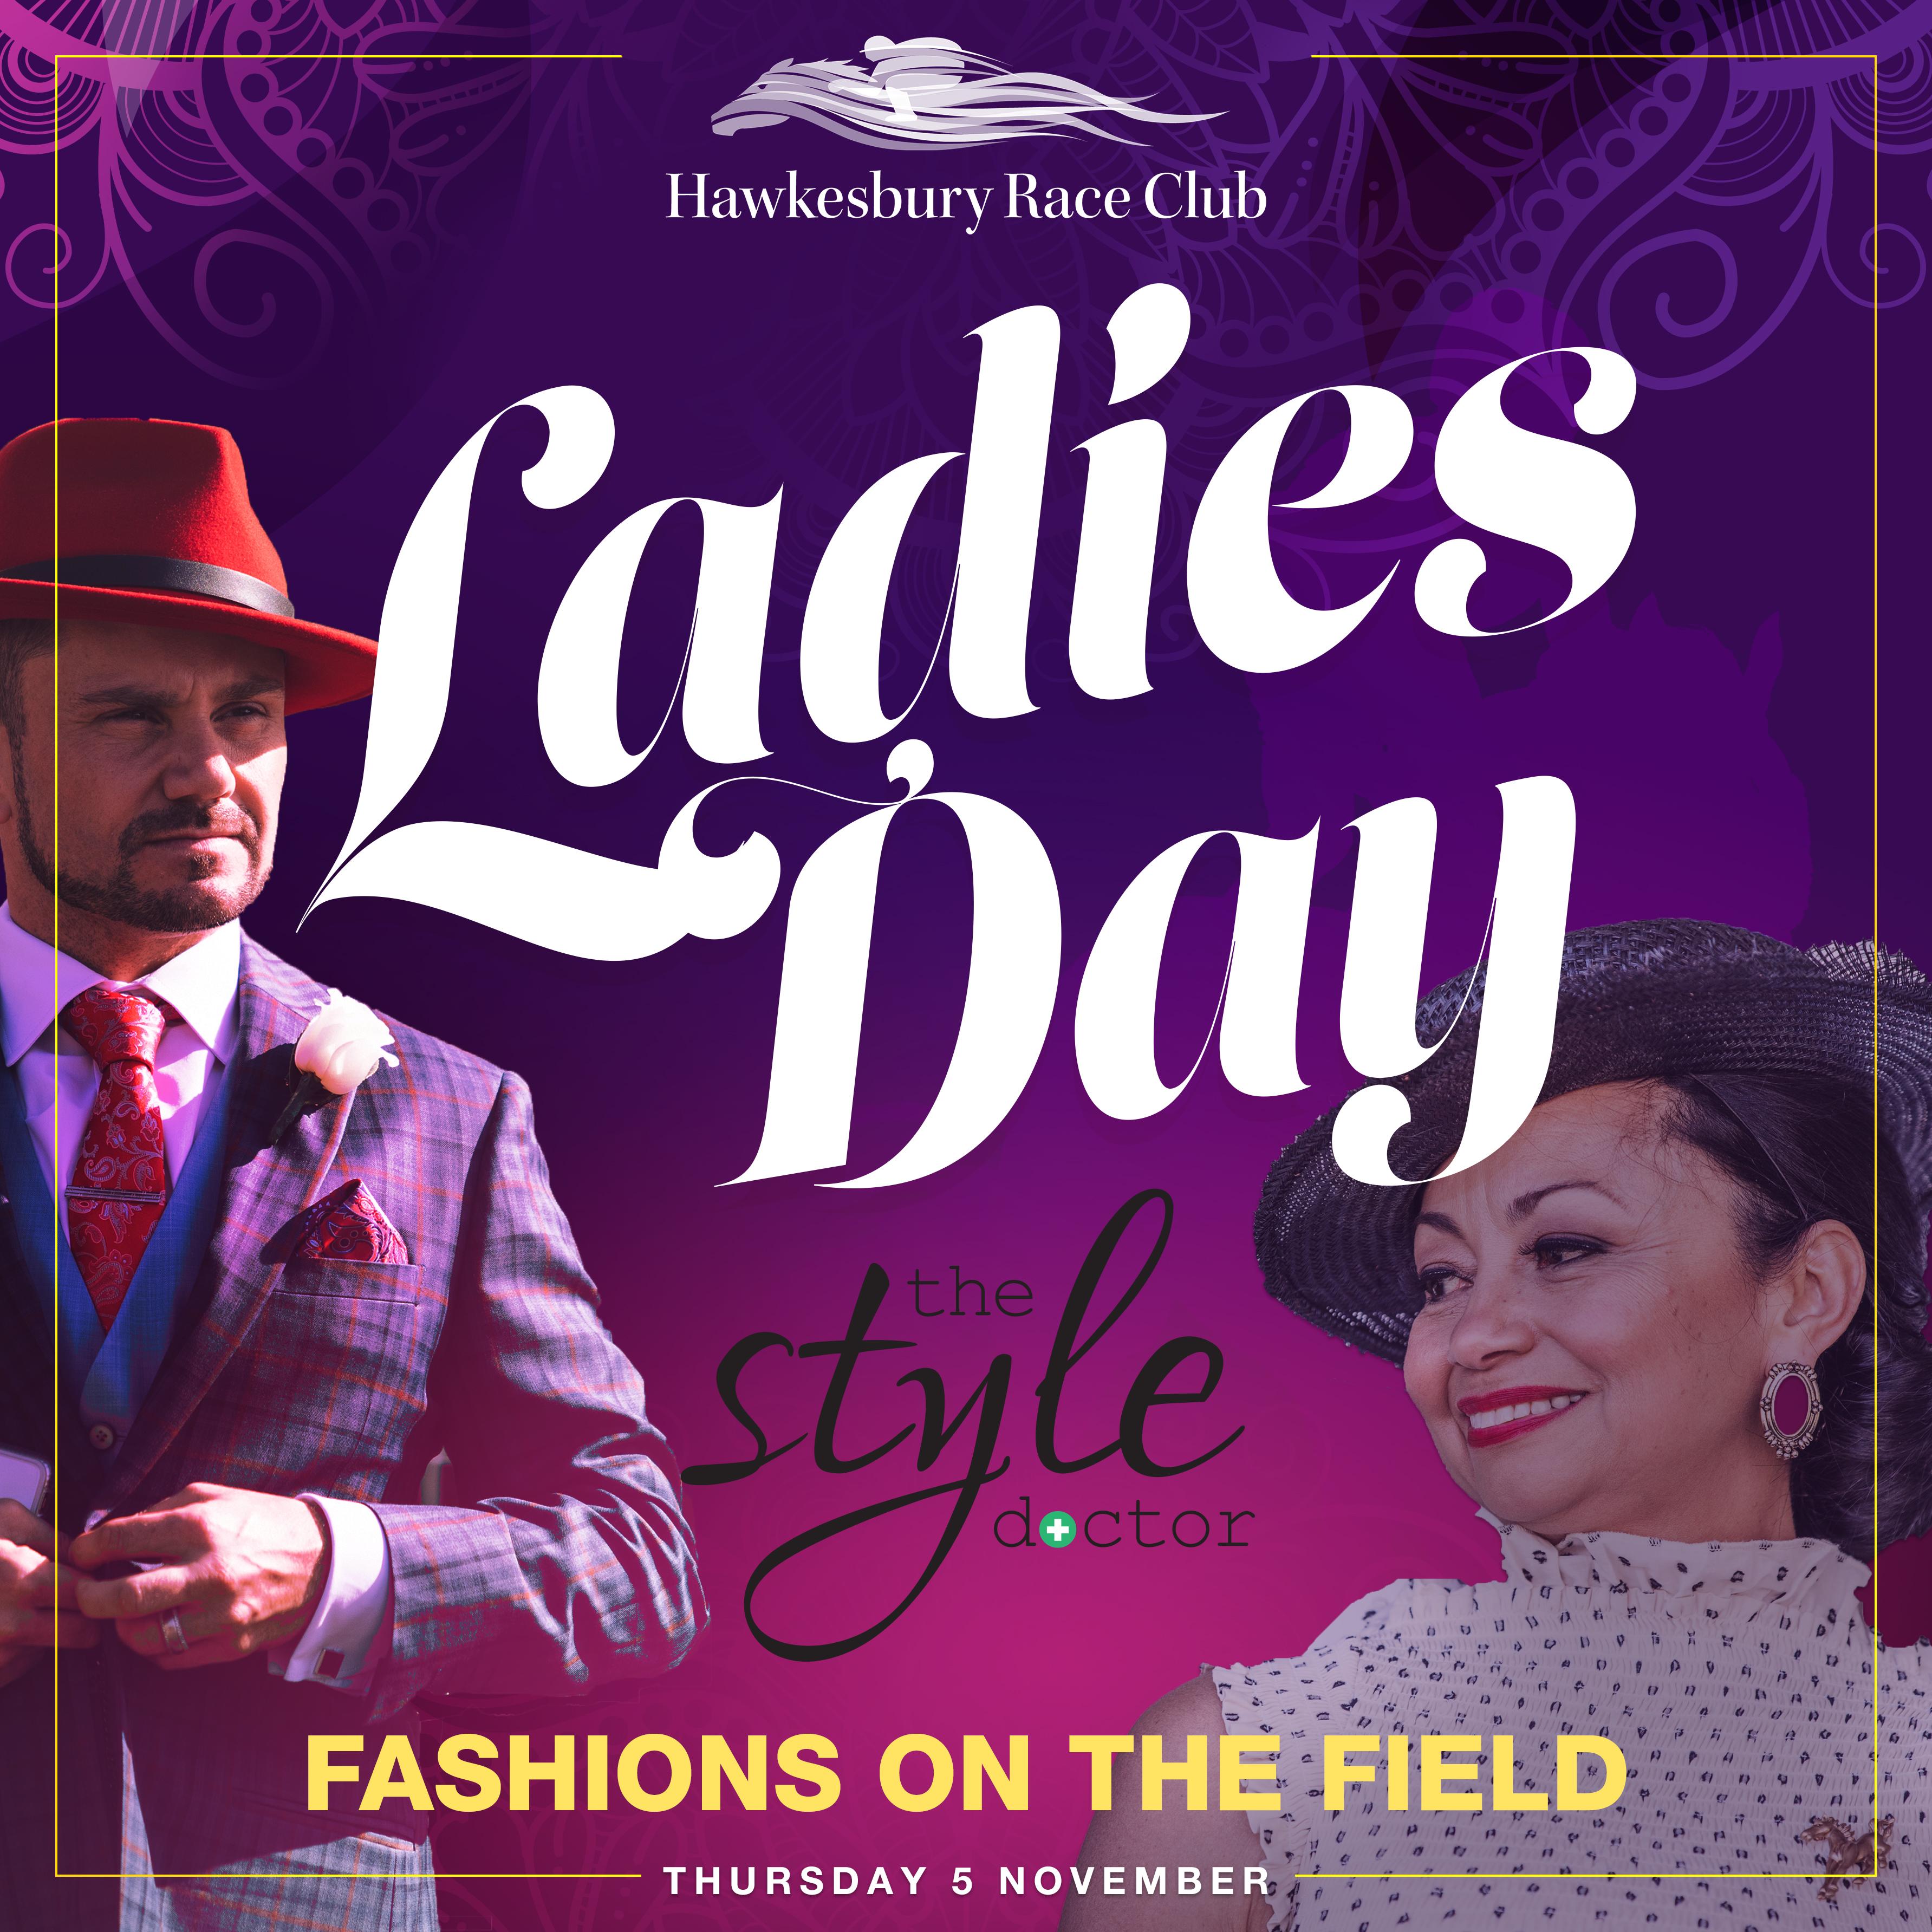 Ladies day fotf 3